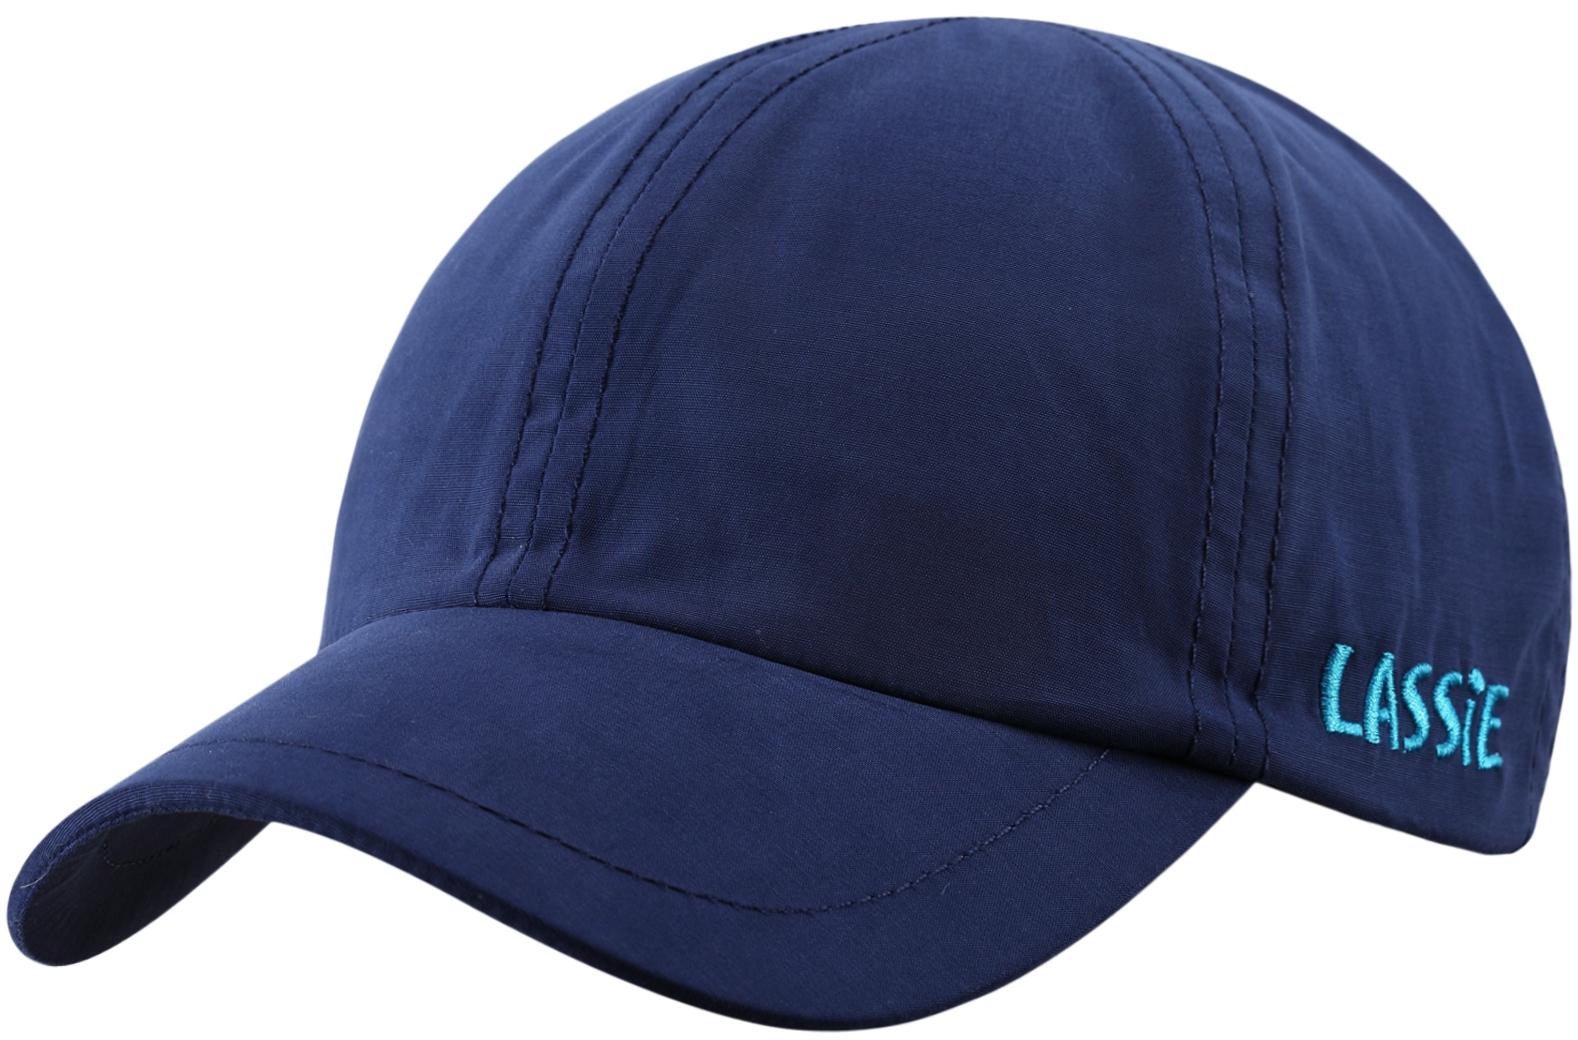 Купить Кепка, 1шт., Lassie 728661-6900-056, Китай, blue, Мужской